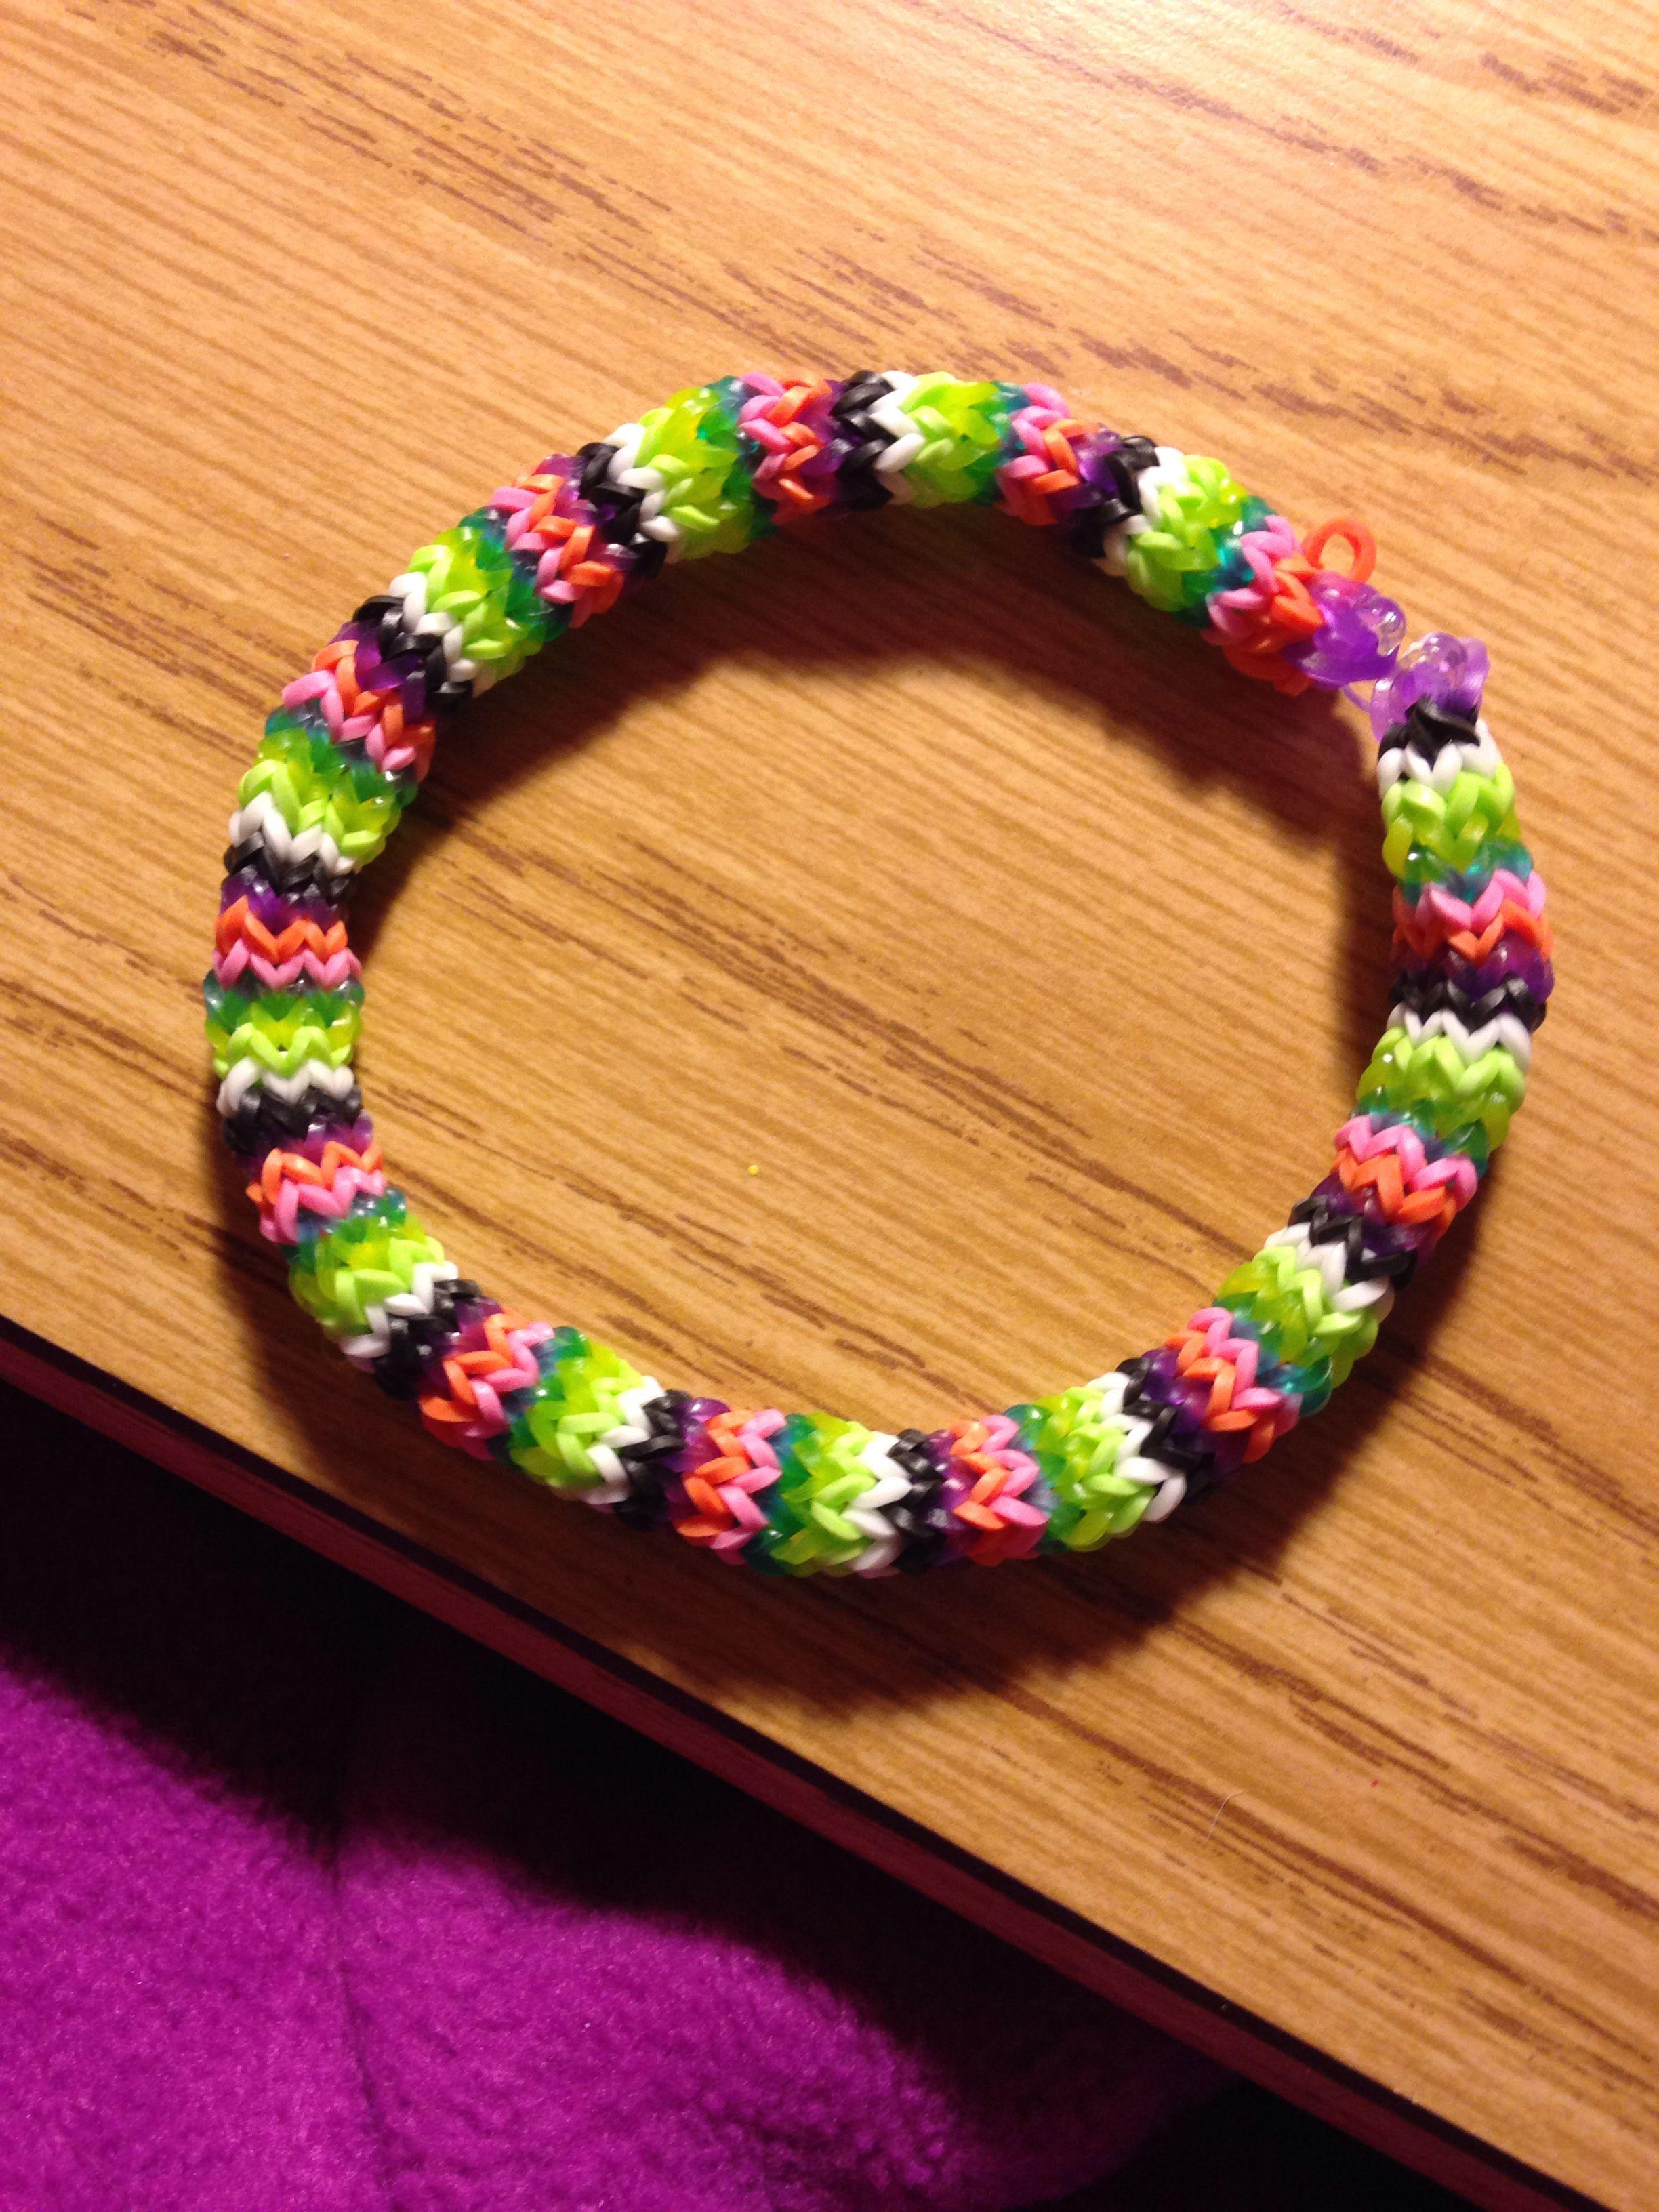 Multicolored hexafish rainbow loom bracelet.